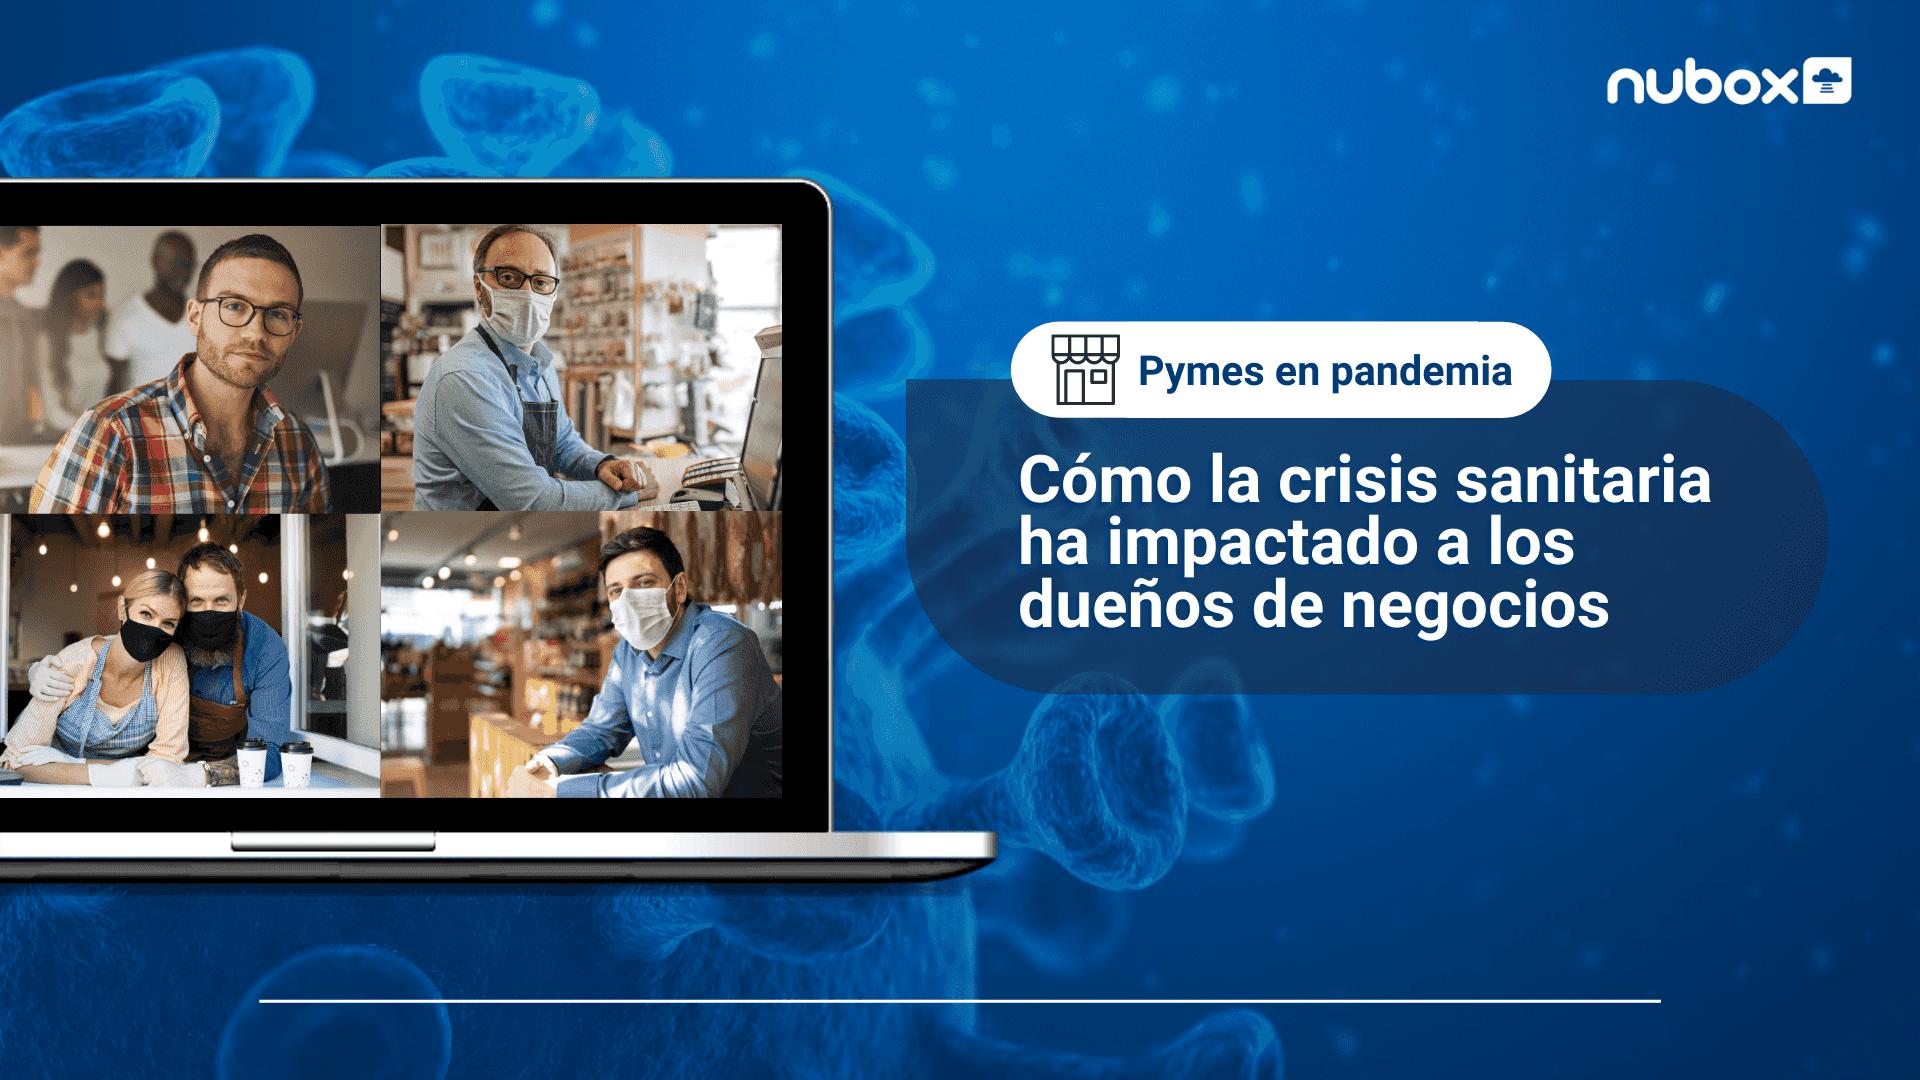 Pymes en pandemia: Así ha impactado la crisis a los dueños de negocio